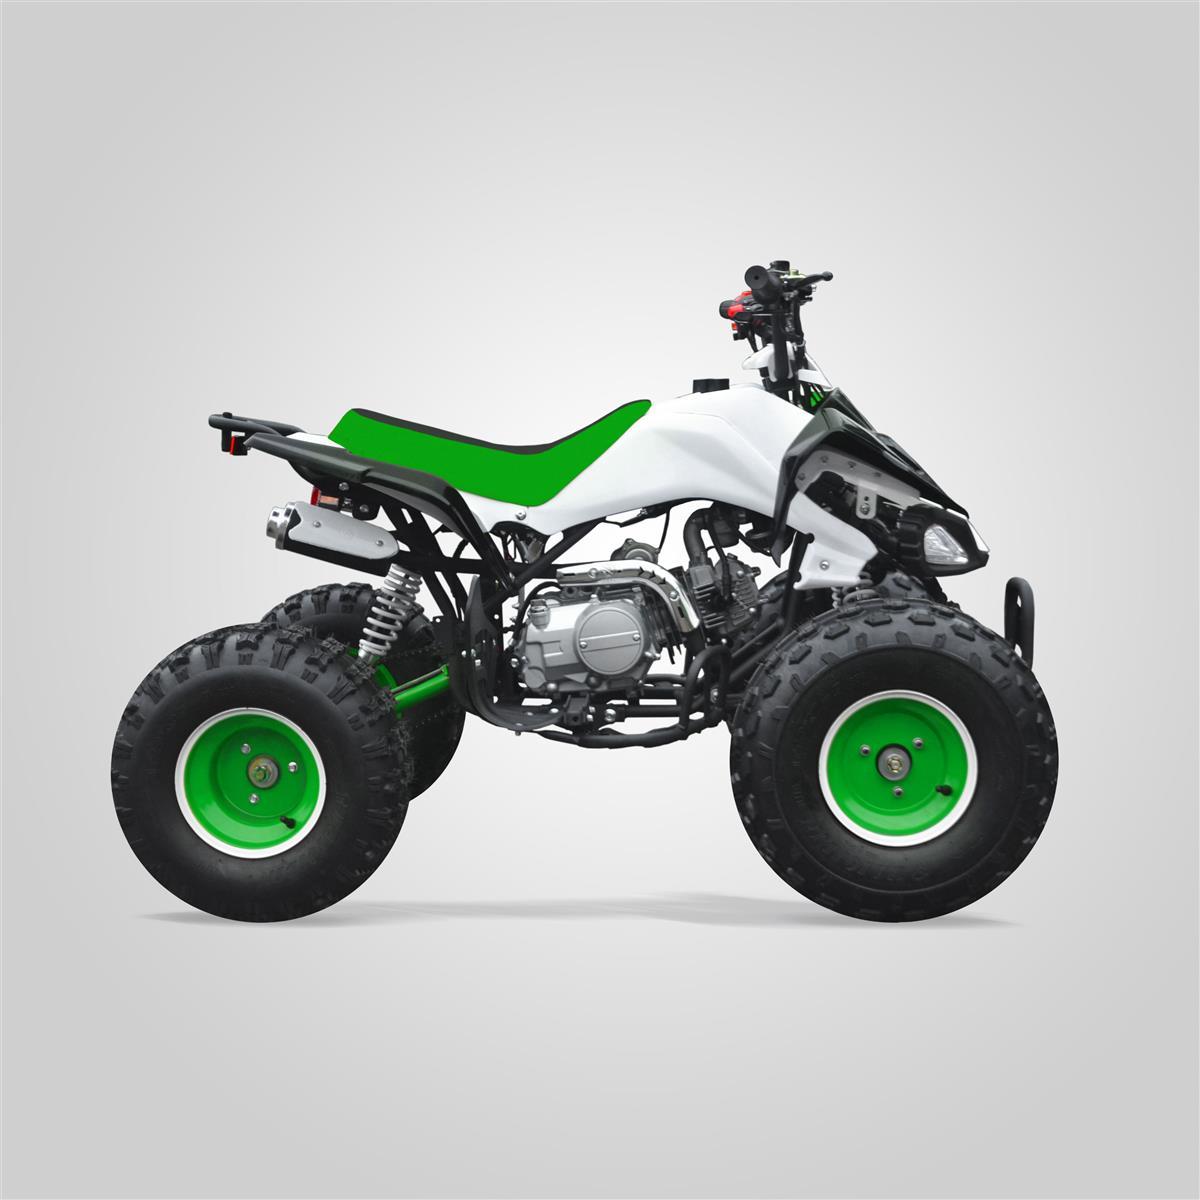 quad enfant typhon 125 vert smallmx dirt bike pit bike. Black Bedroom Furniture Sets. Home Design Ideas